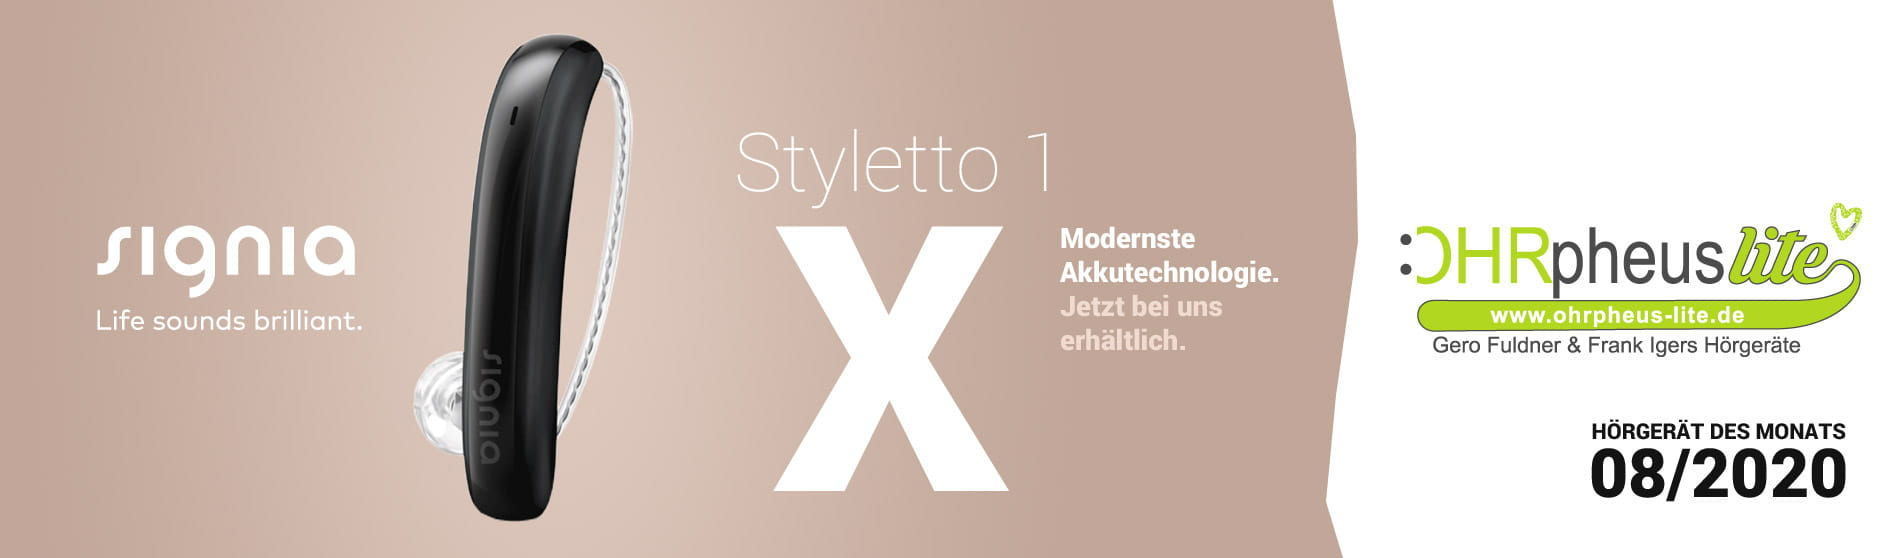 Signia Styletto 1 X Hörgerät Sliderbild